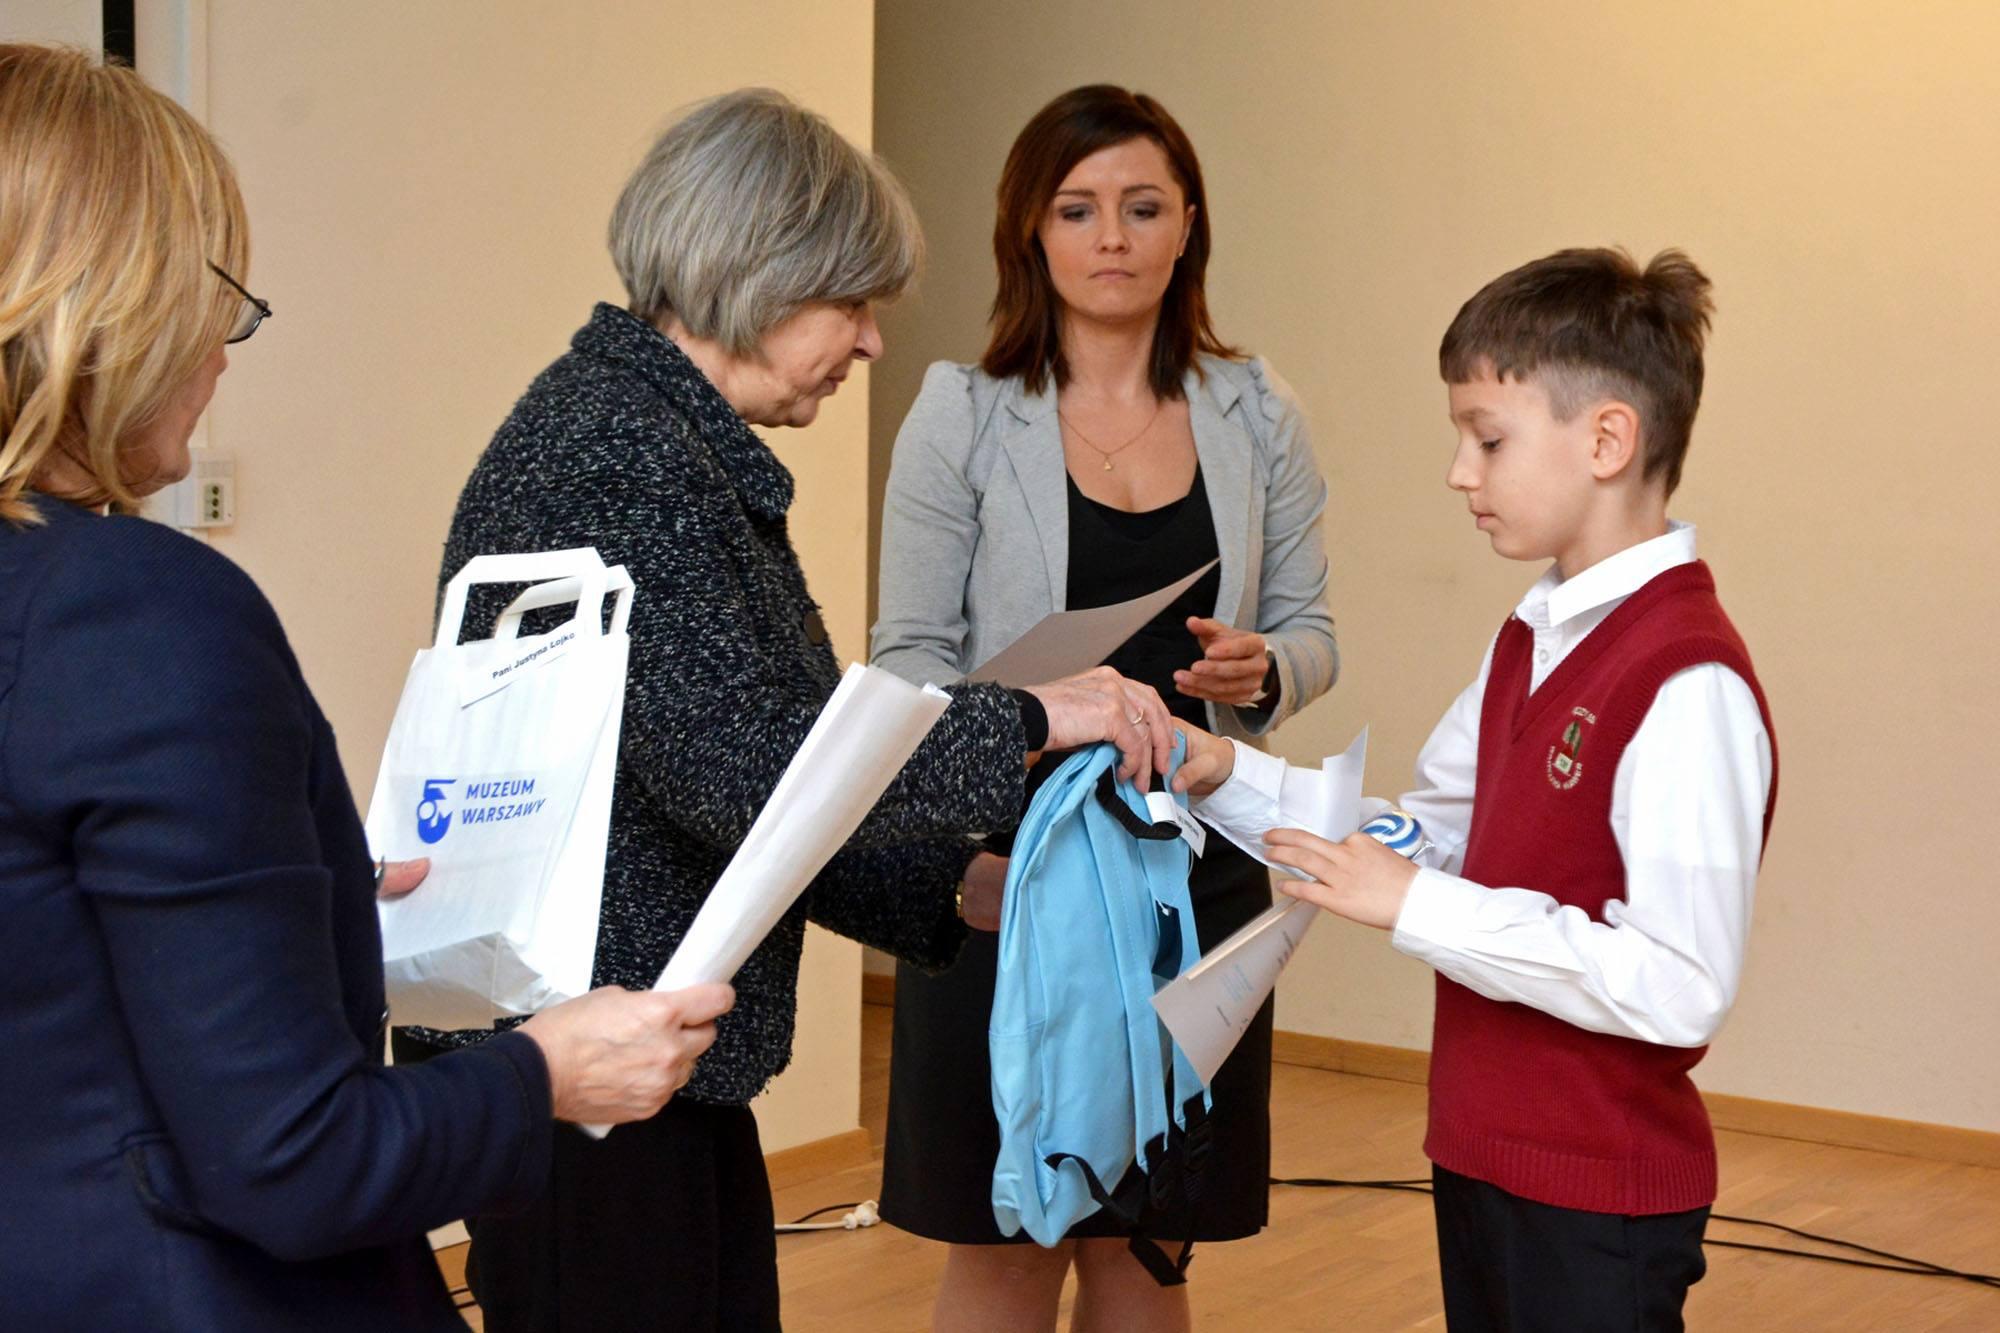 Dyrektor muzeum Ewa Nekanda Trepka wręcza nagrodę, niebieski plecak, laureatowi konkursu